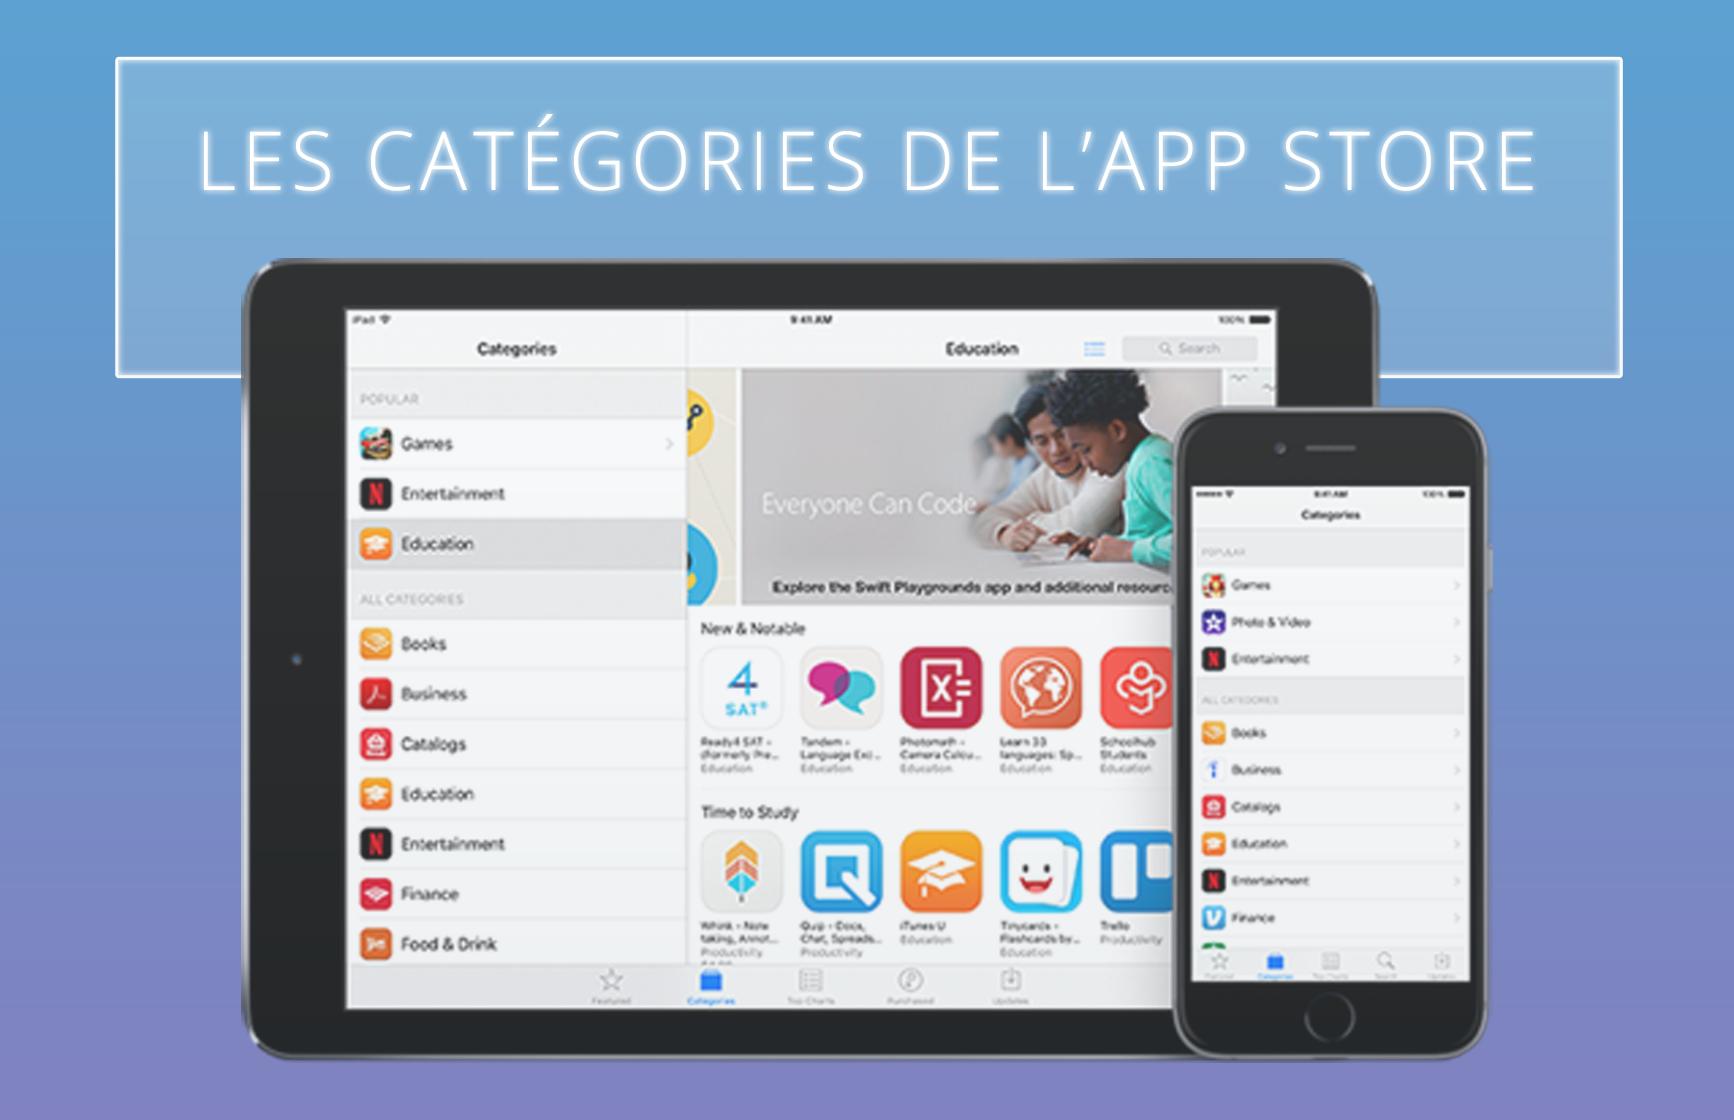 Définitions des catégories de l'App Store